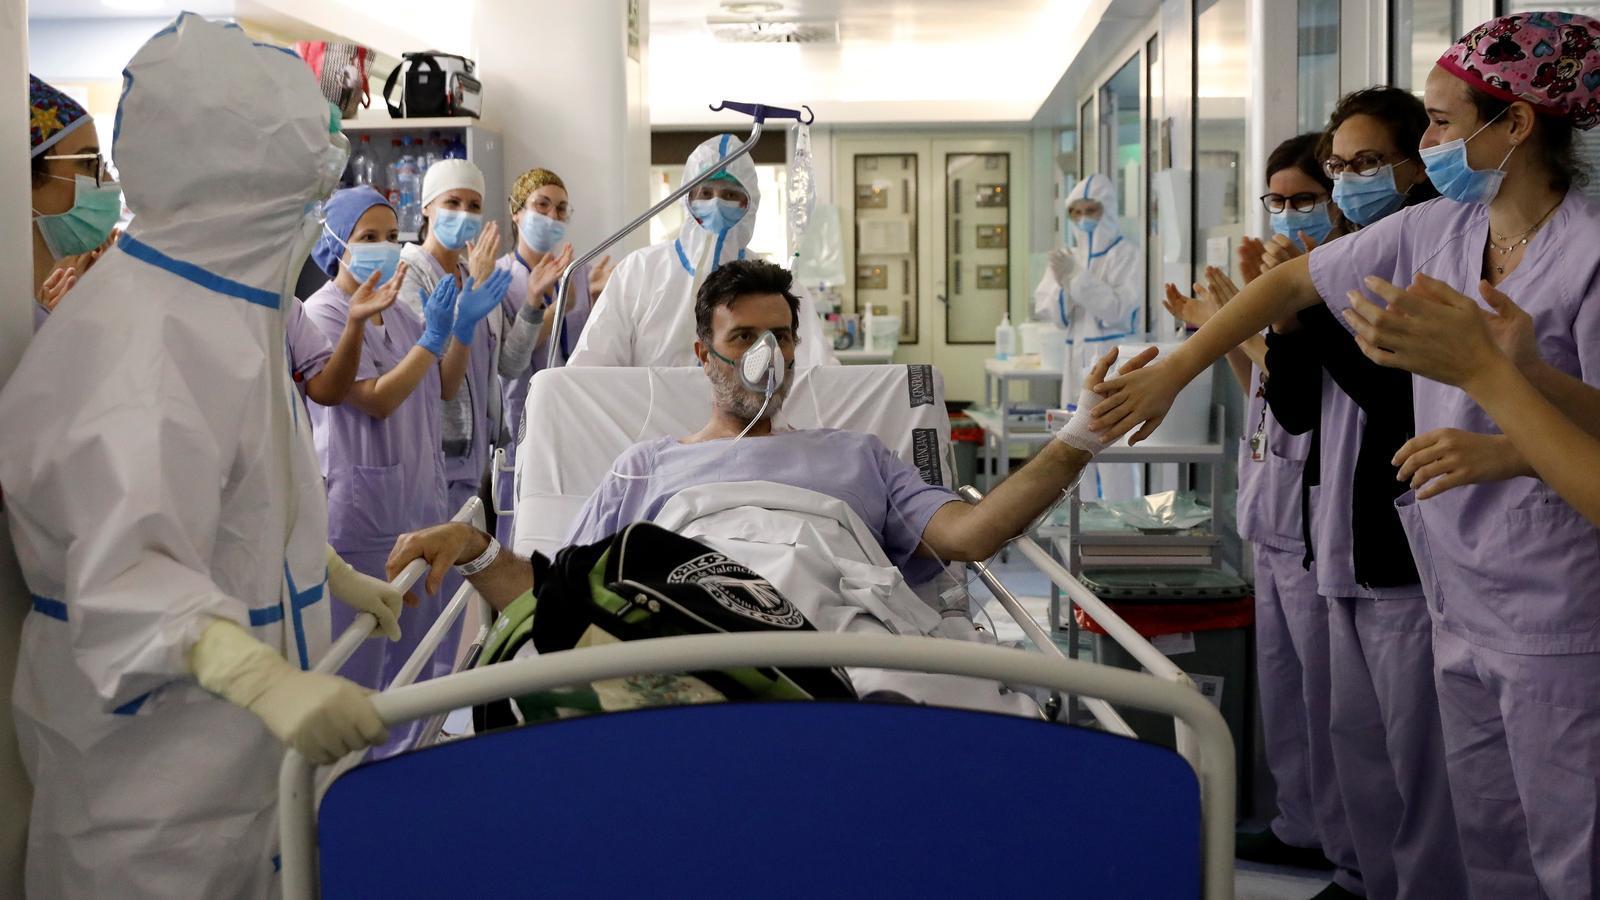 Els ingressos hospitalaris al País Valencià representen menys del 10% dels registrats durant el pic de la pandèmia